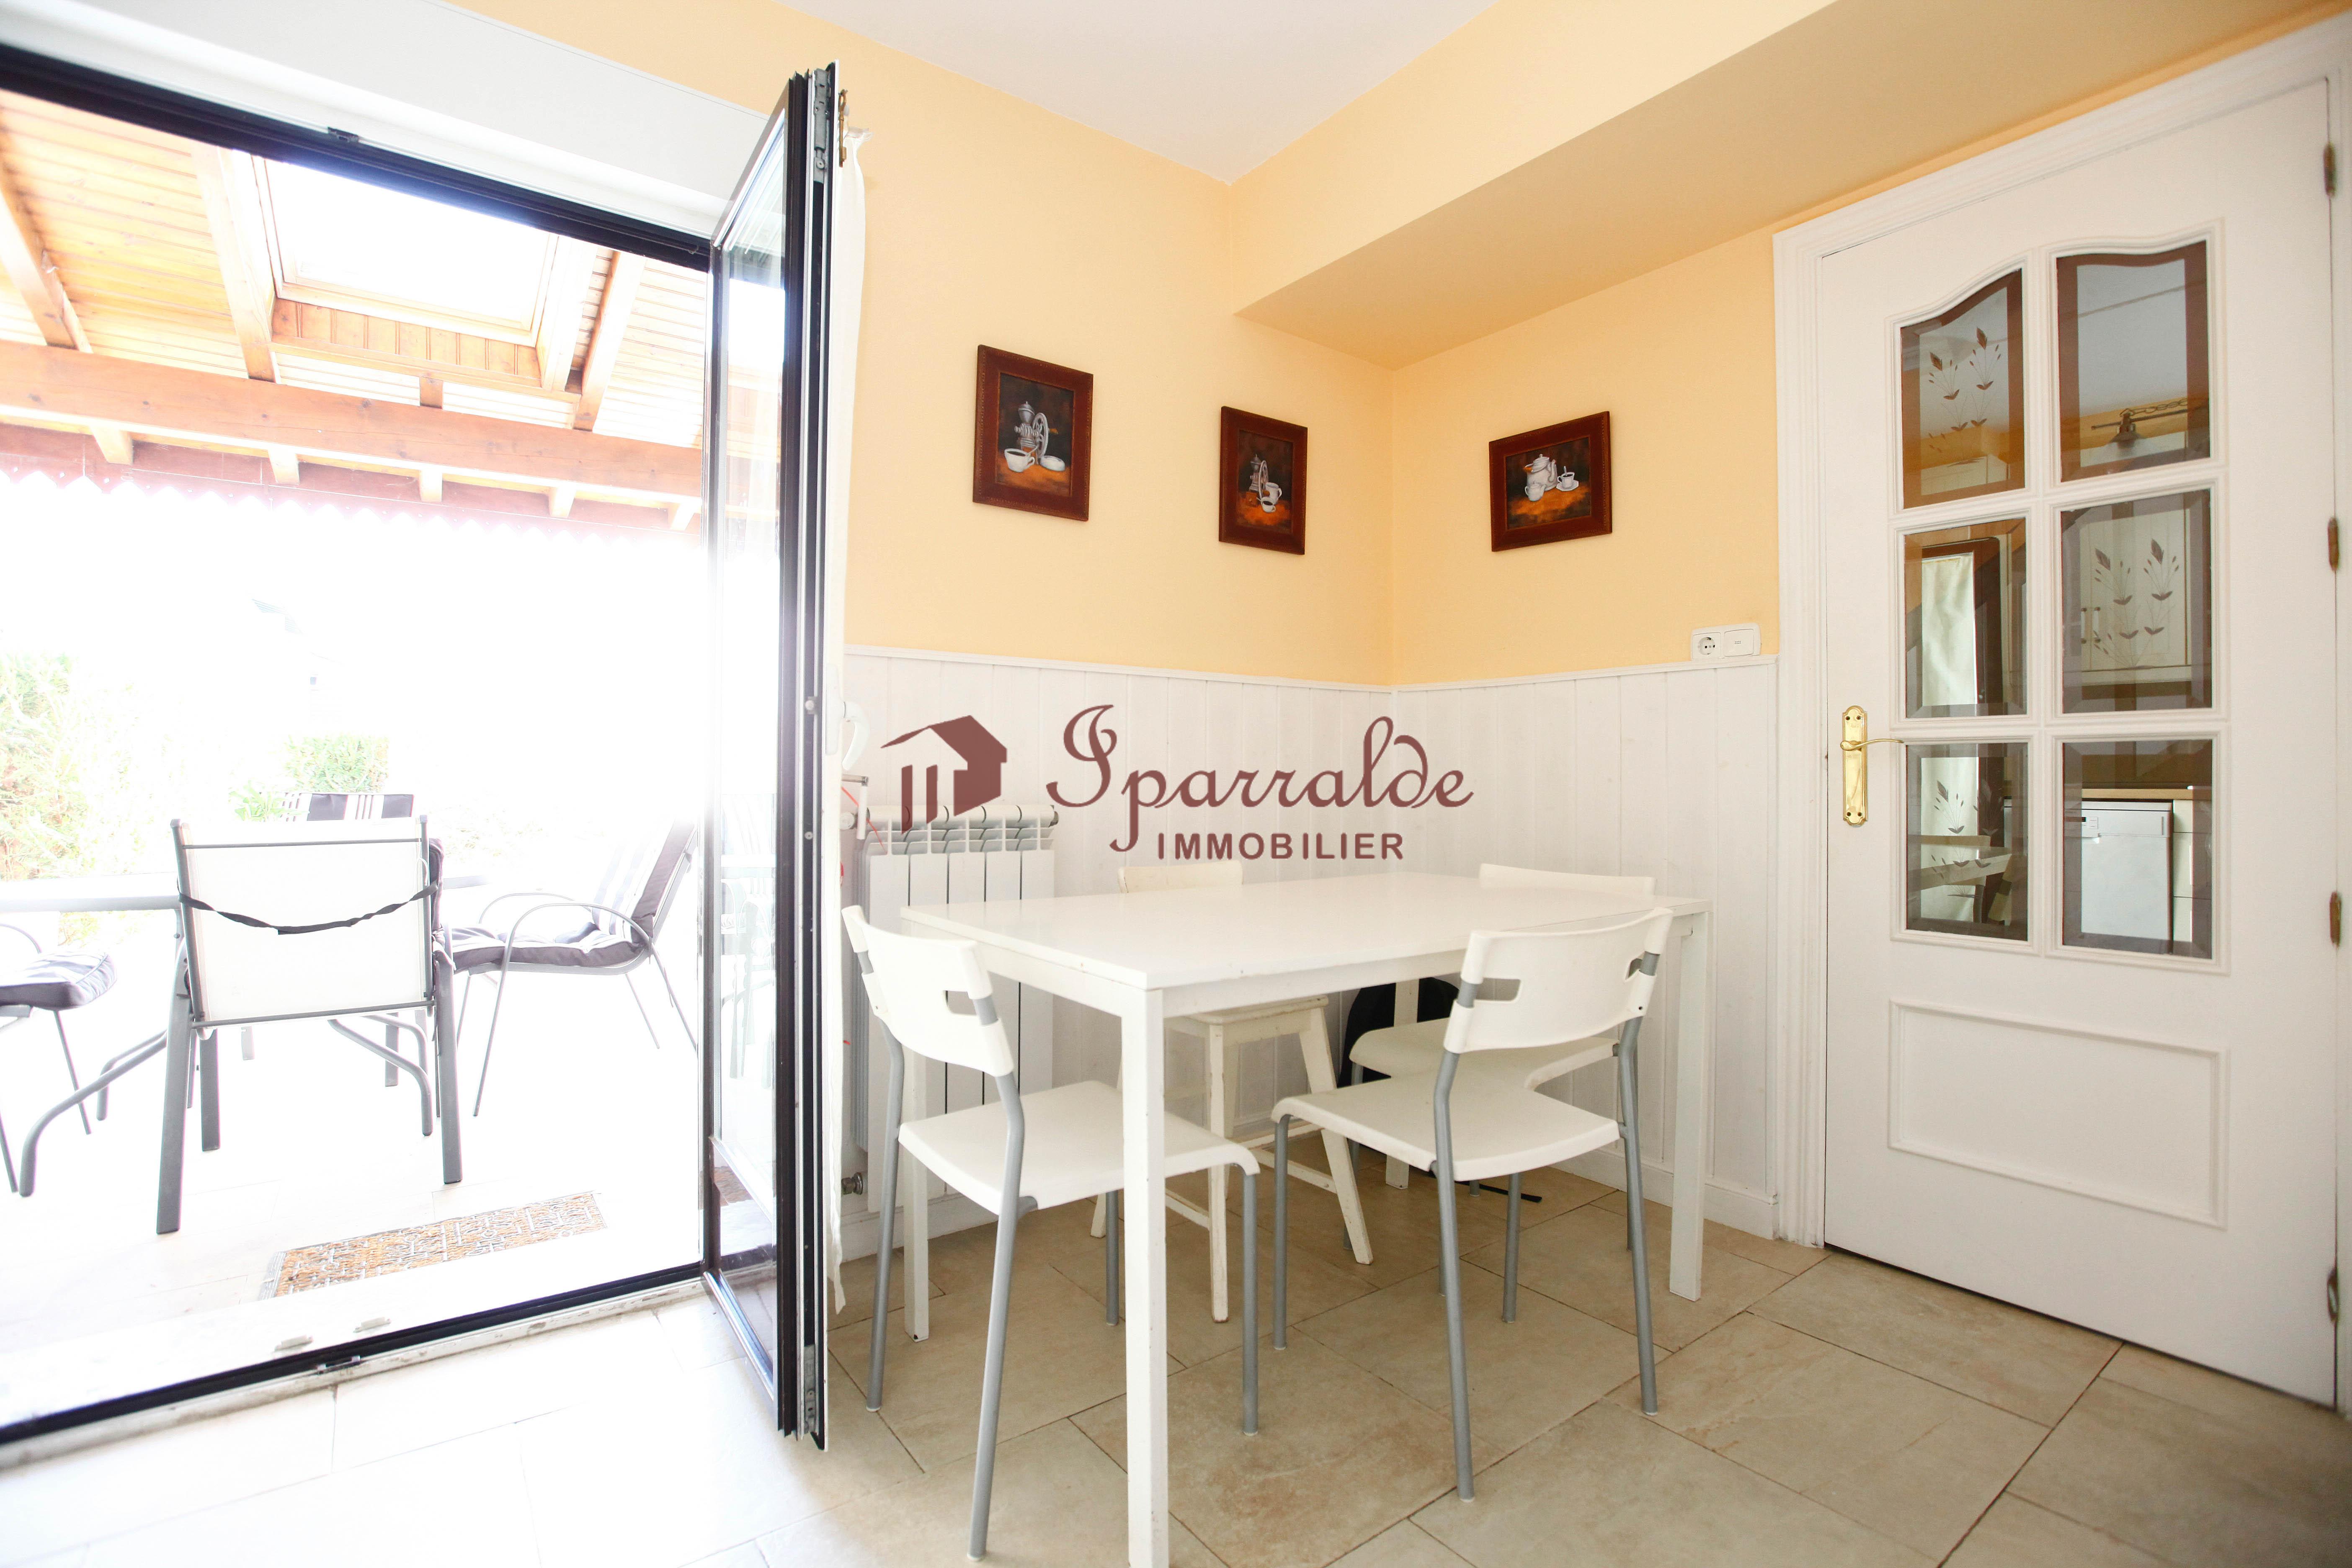 bonito adosado en Hendaya con 3 habitaciones, garage y jardín privado, muy bien conservada.